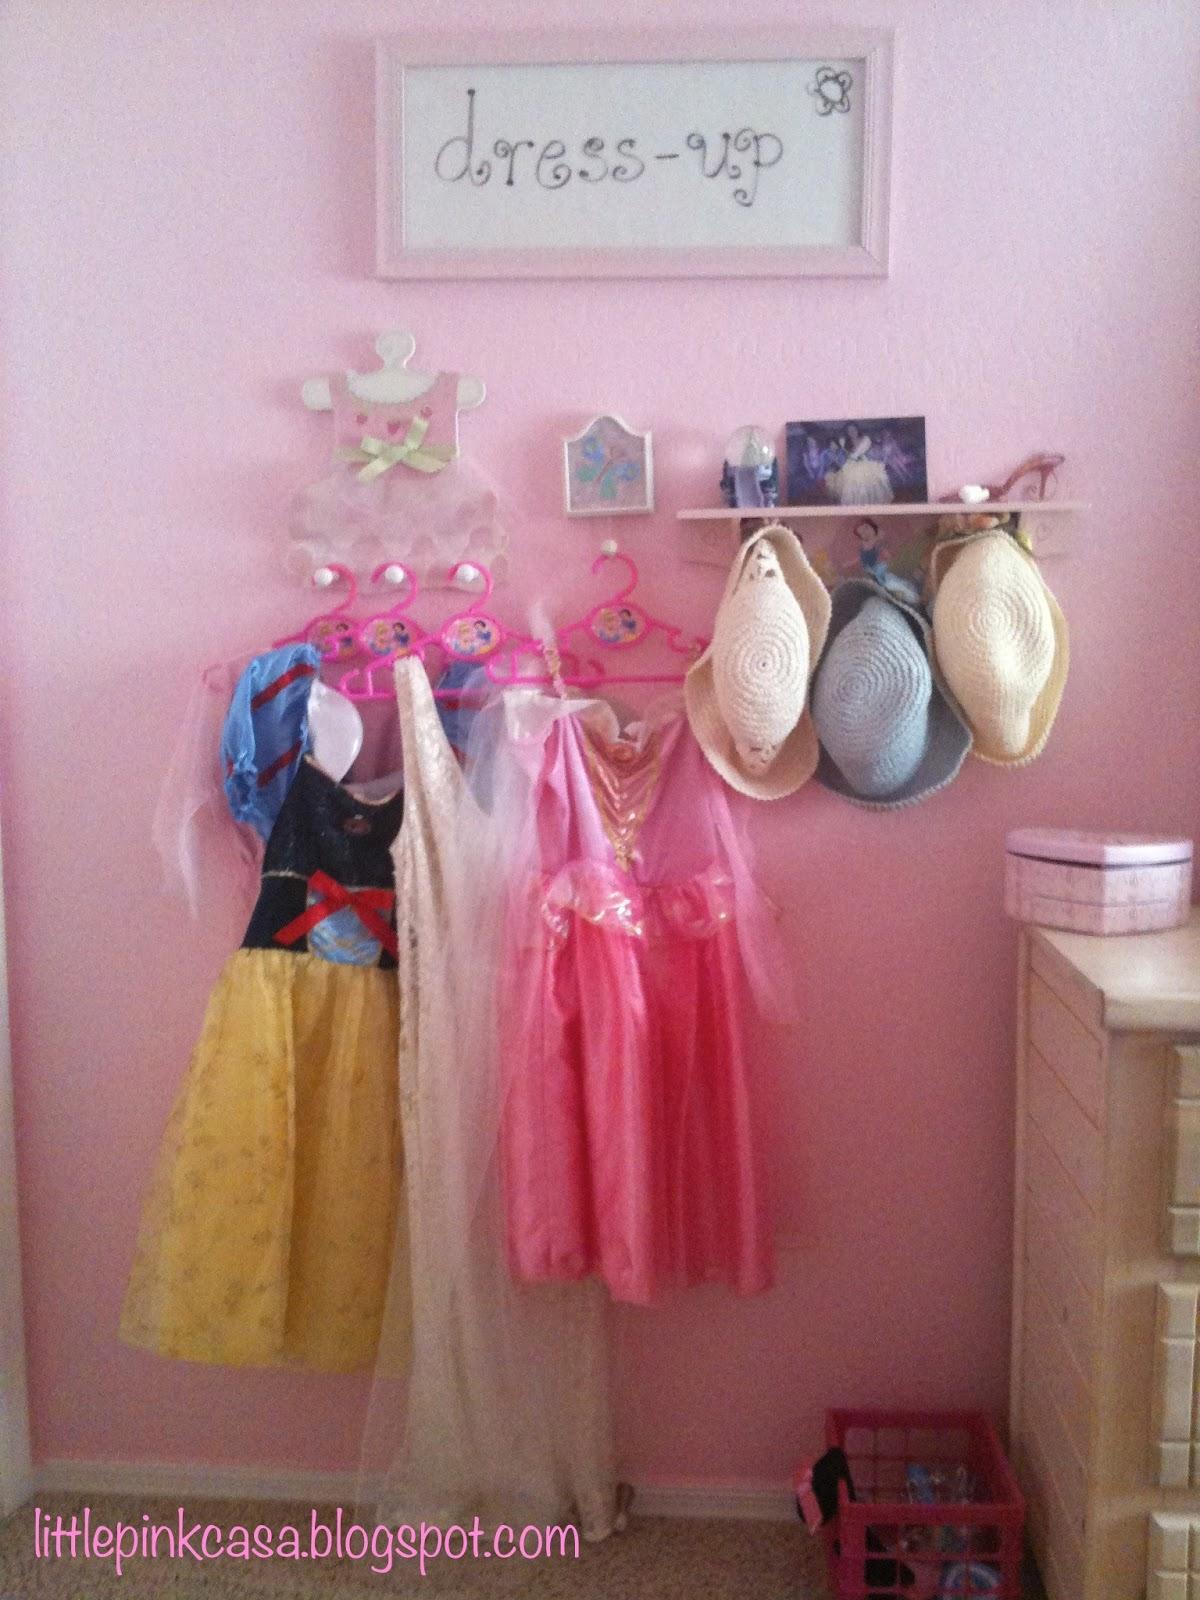 dressup area Little Pink Casa